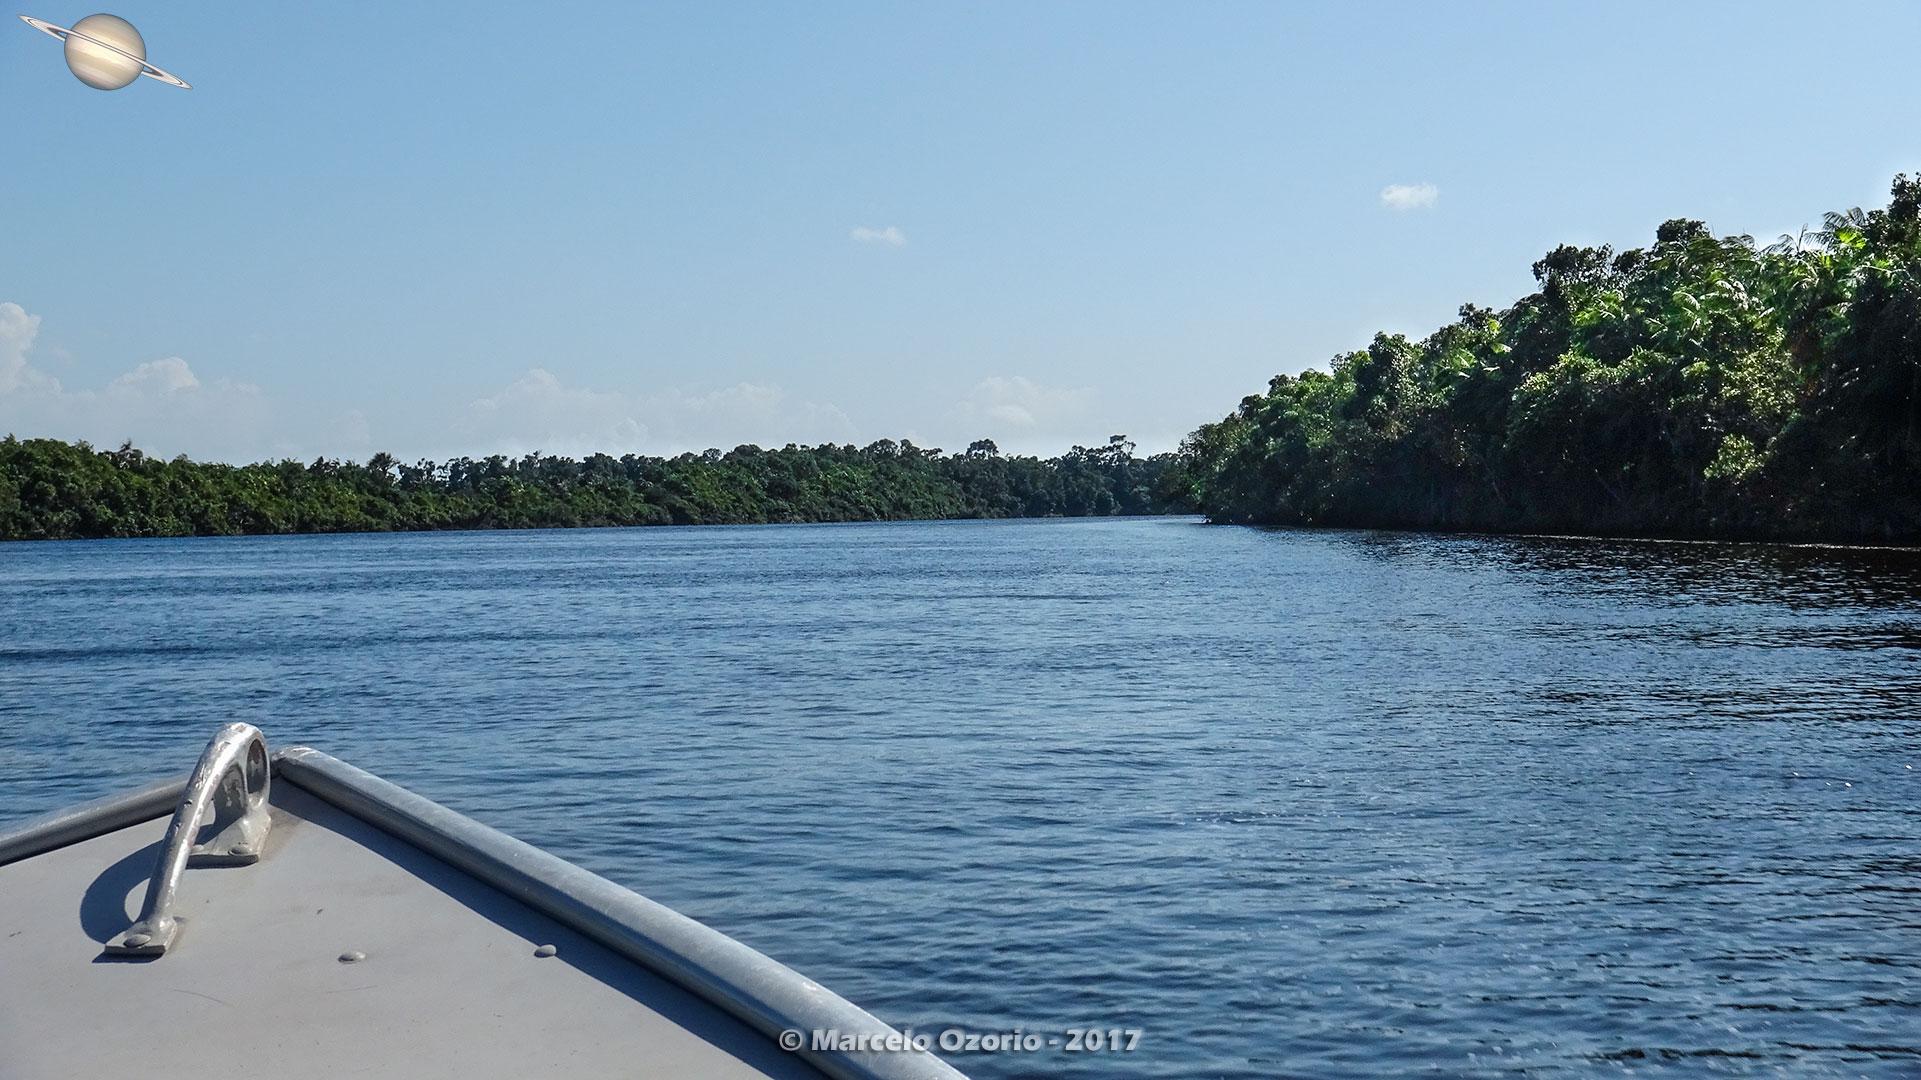 barreirinhas descendo rio preguicas atins 12 - De Barreirinhas à Canto do Atins. Trekking nos Lençóis Maranhenses - Brasil